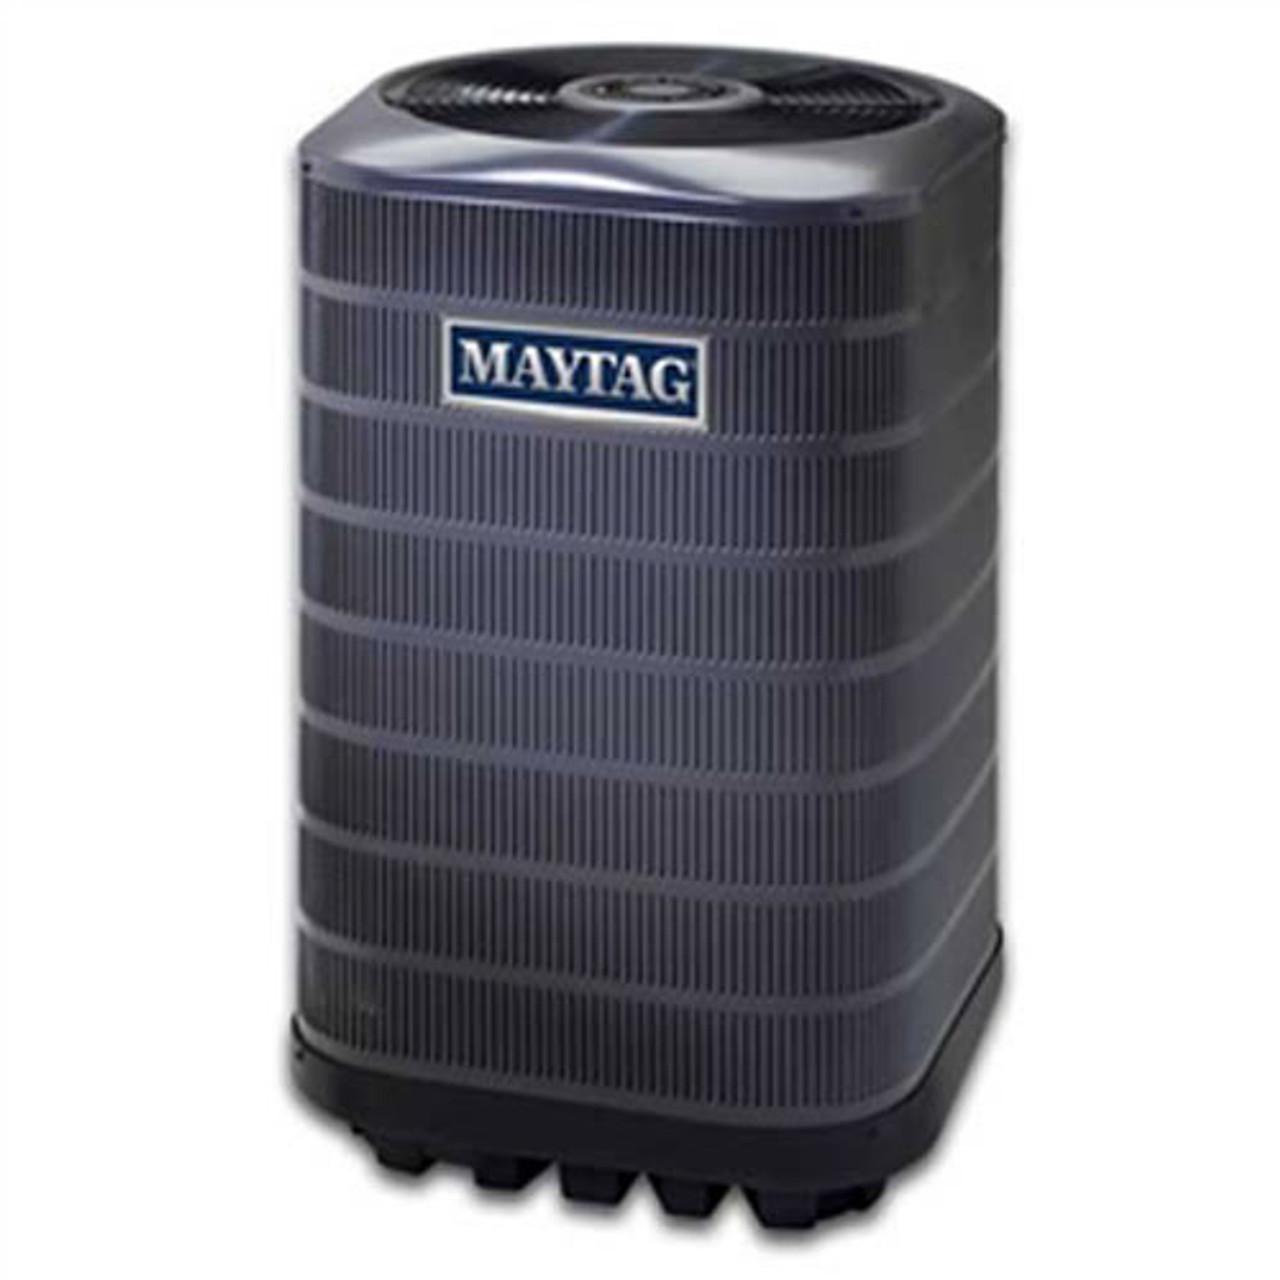 Maytag MSA4BD030KB 2.5 Ton H/E R410A Split AC Unit 13SEER 30000 BTU - New